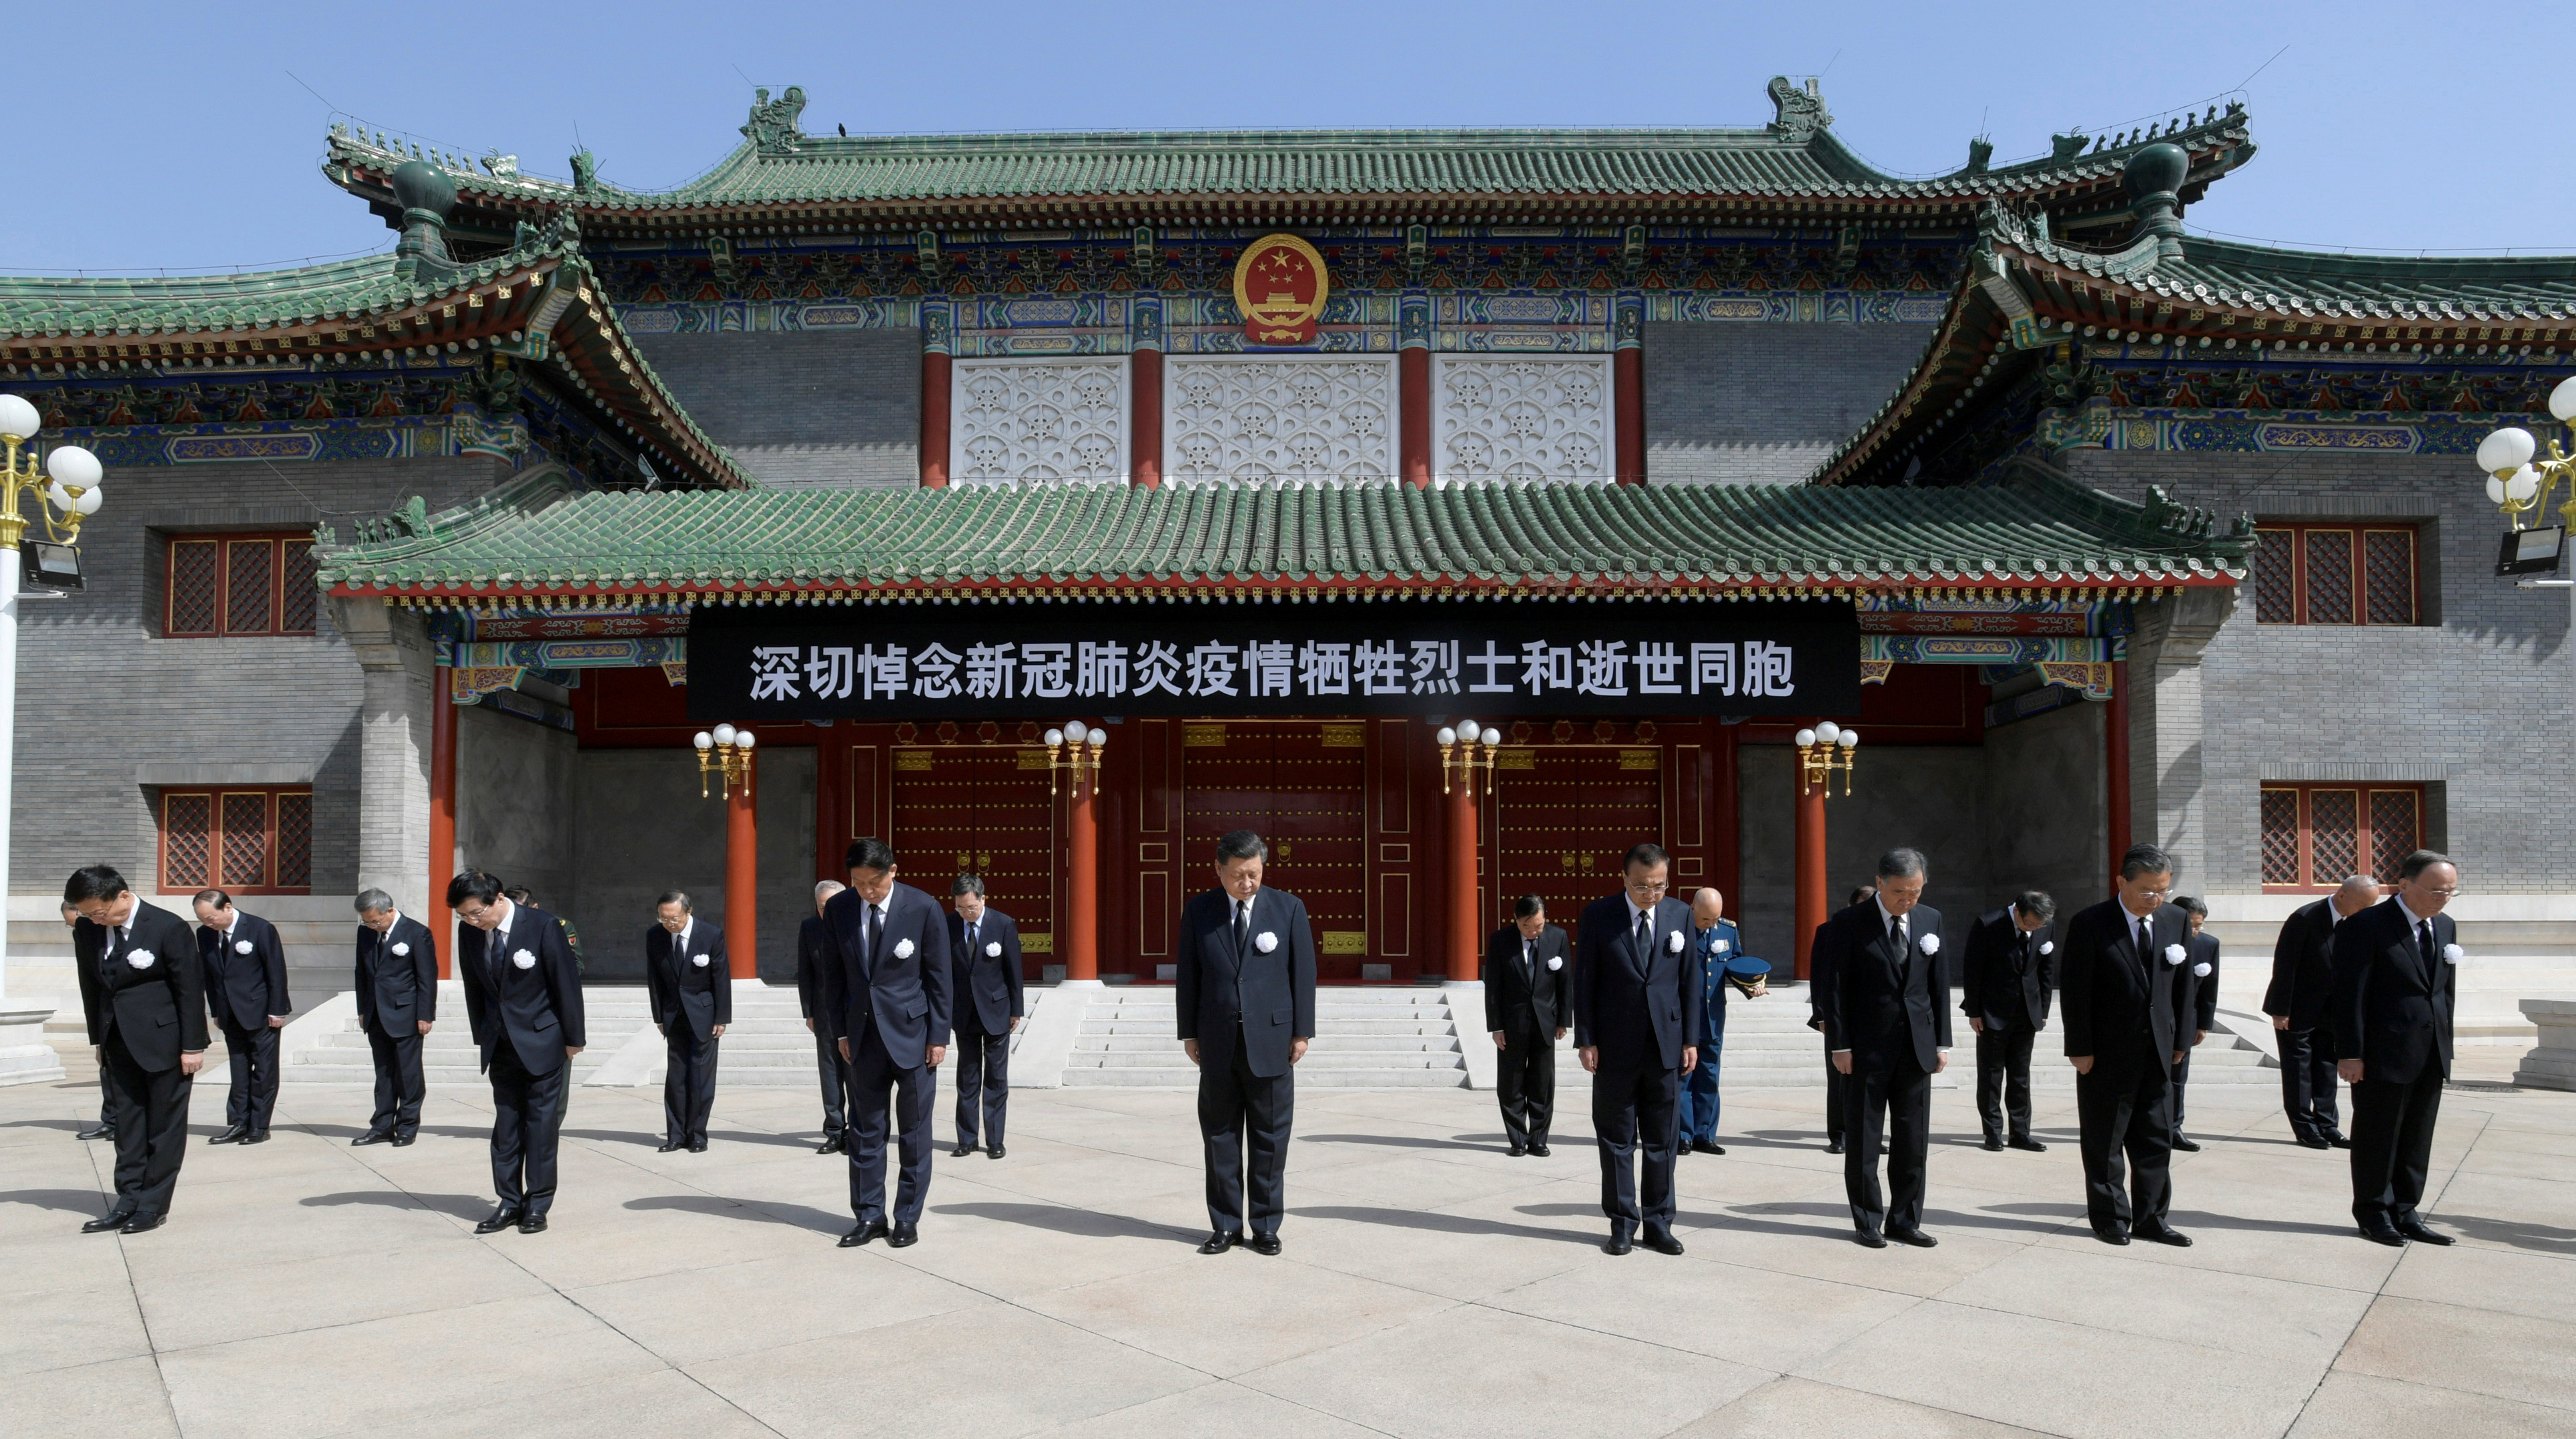 الرئيس الصينى وقادة الدولة  الحداد على  أرواح ضحايا كورونا